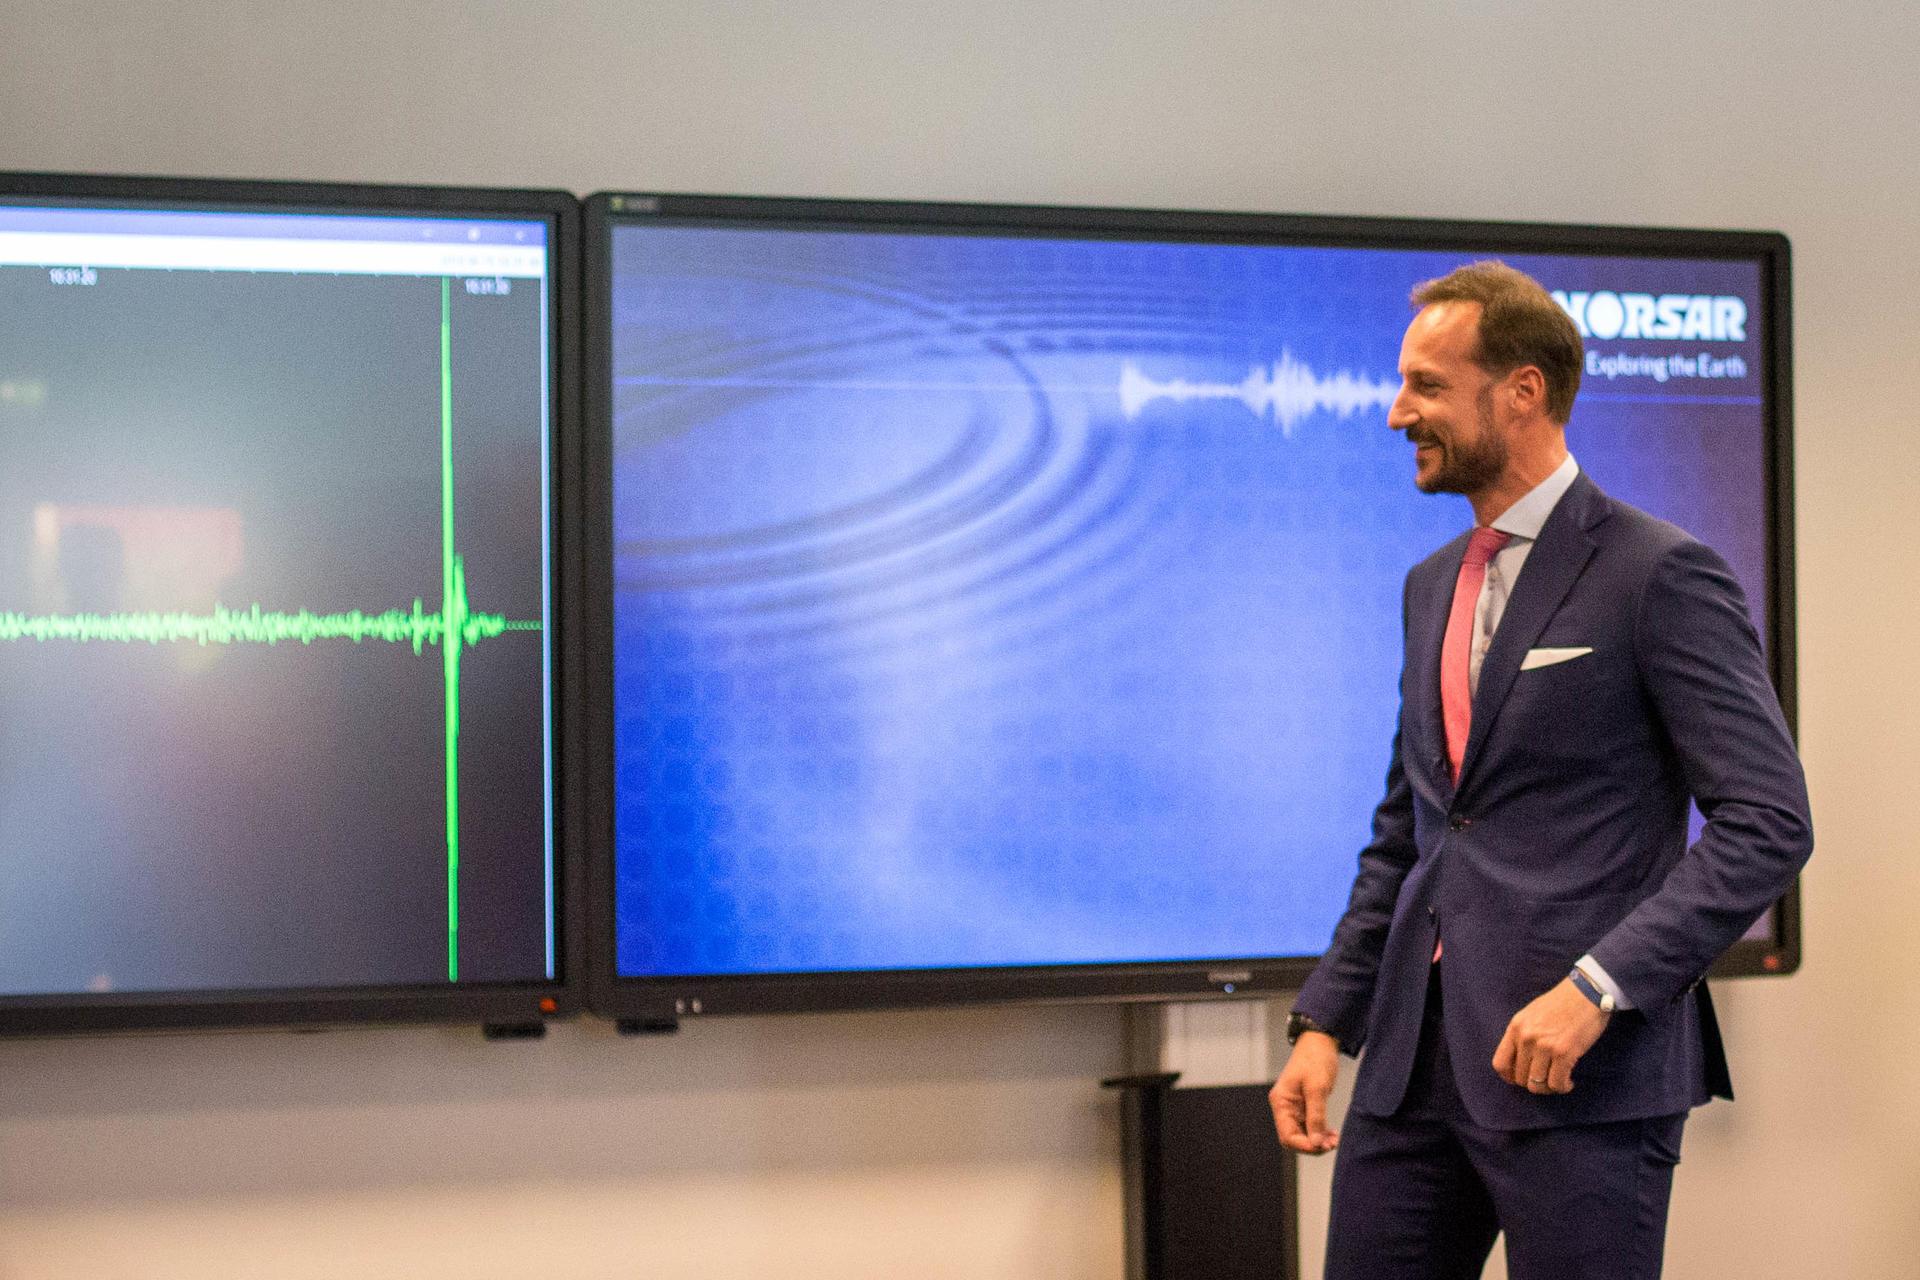 Kronprinsen ser resultatet av sitt eget signaturhopp på seismografen.